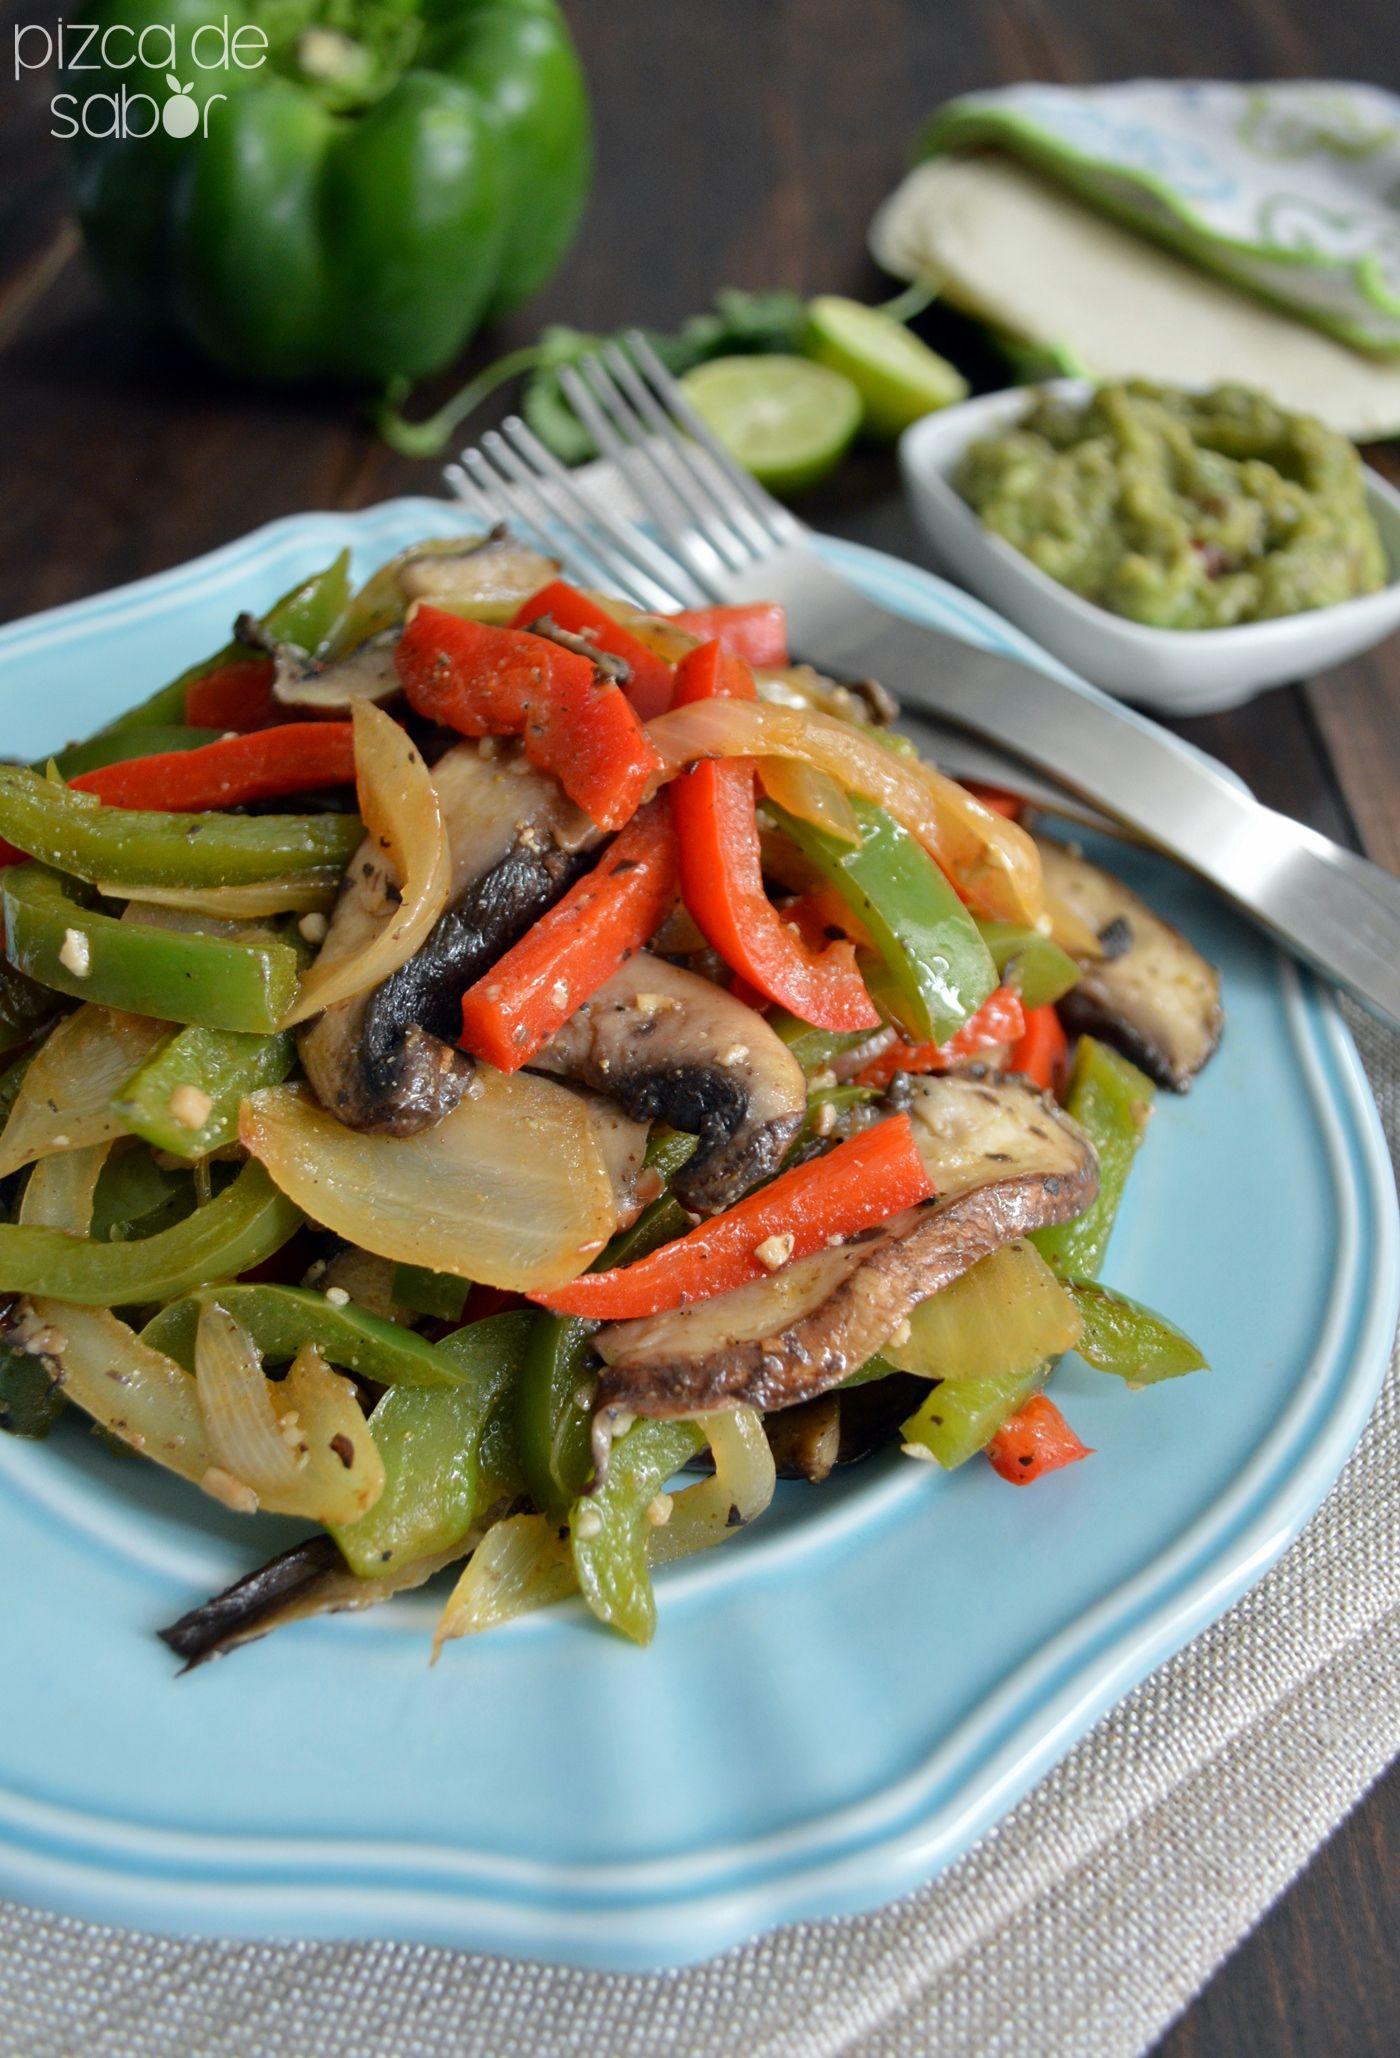 Fajitas Vegetarianas De Portobello Receta Comida Fajitas Vegetarianas Recetas Saludables